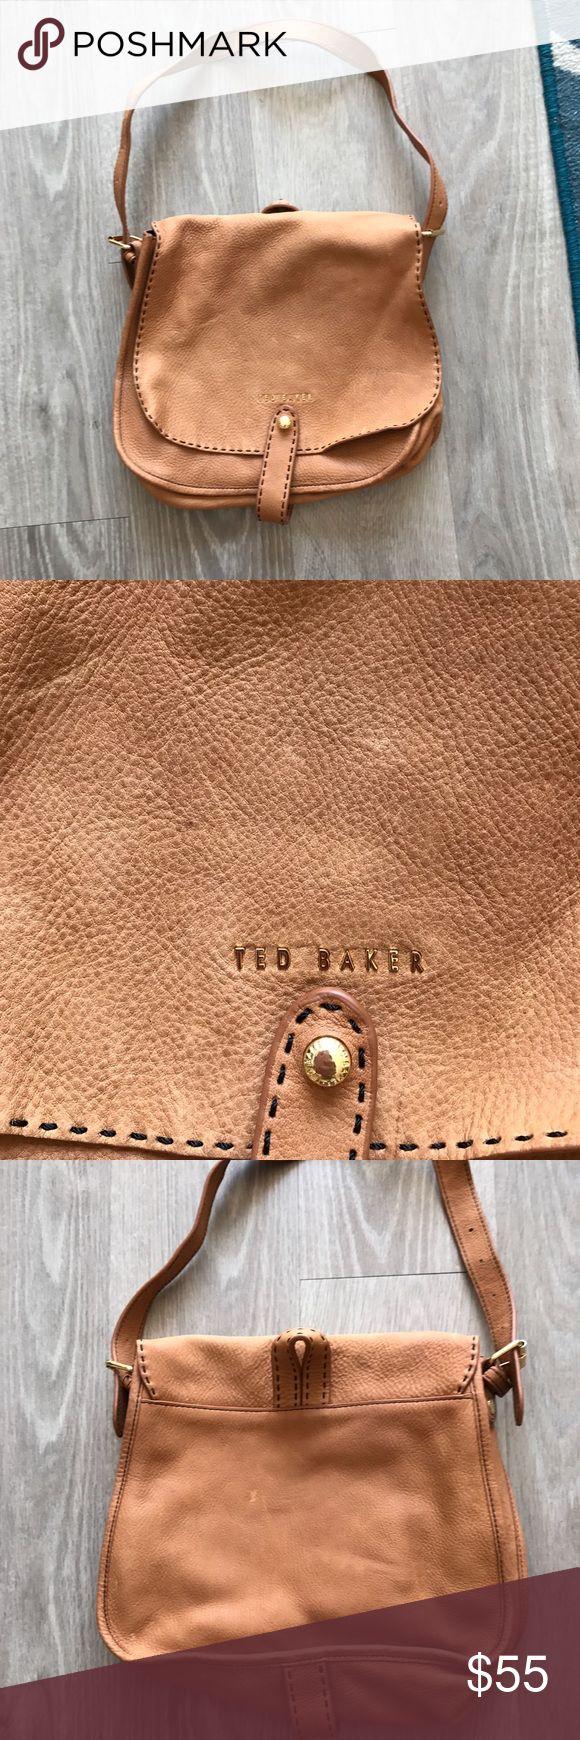 Ted Baker purse ⚡️ sale Ted Baker bag Ted Baker Bags Shoulder Bags